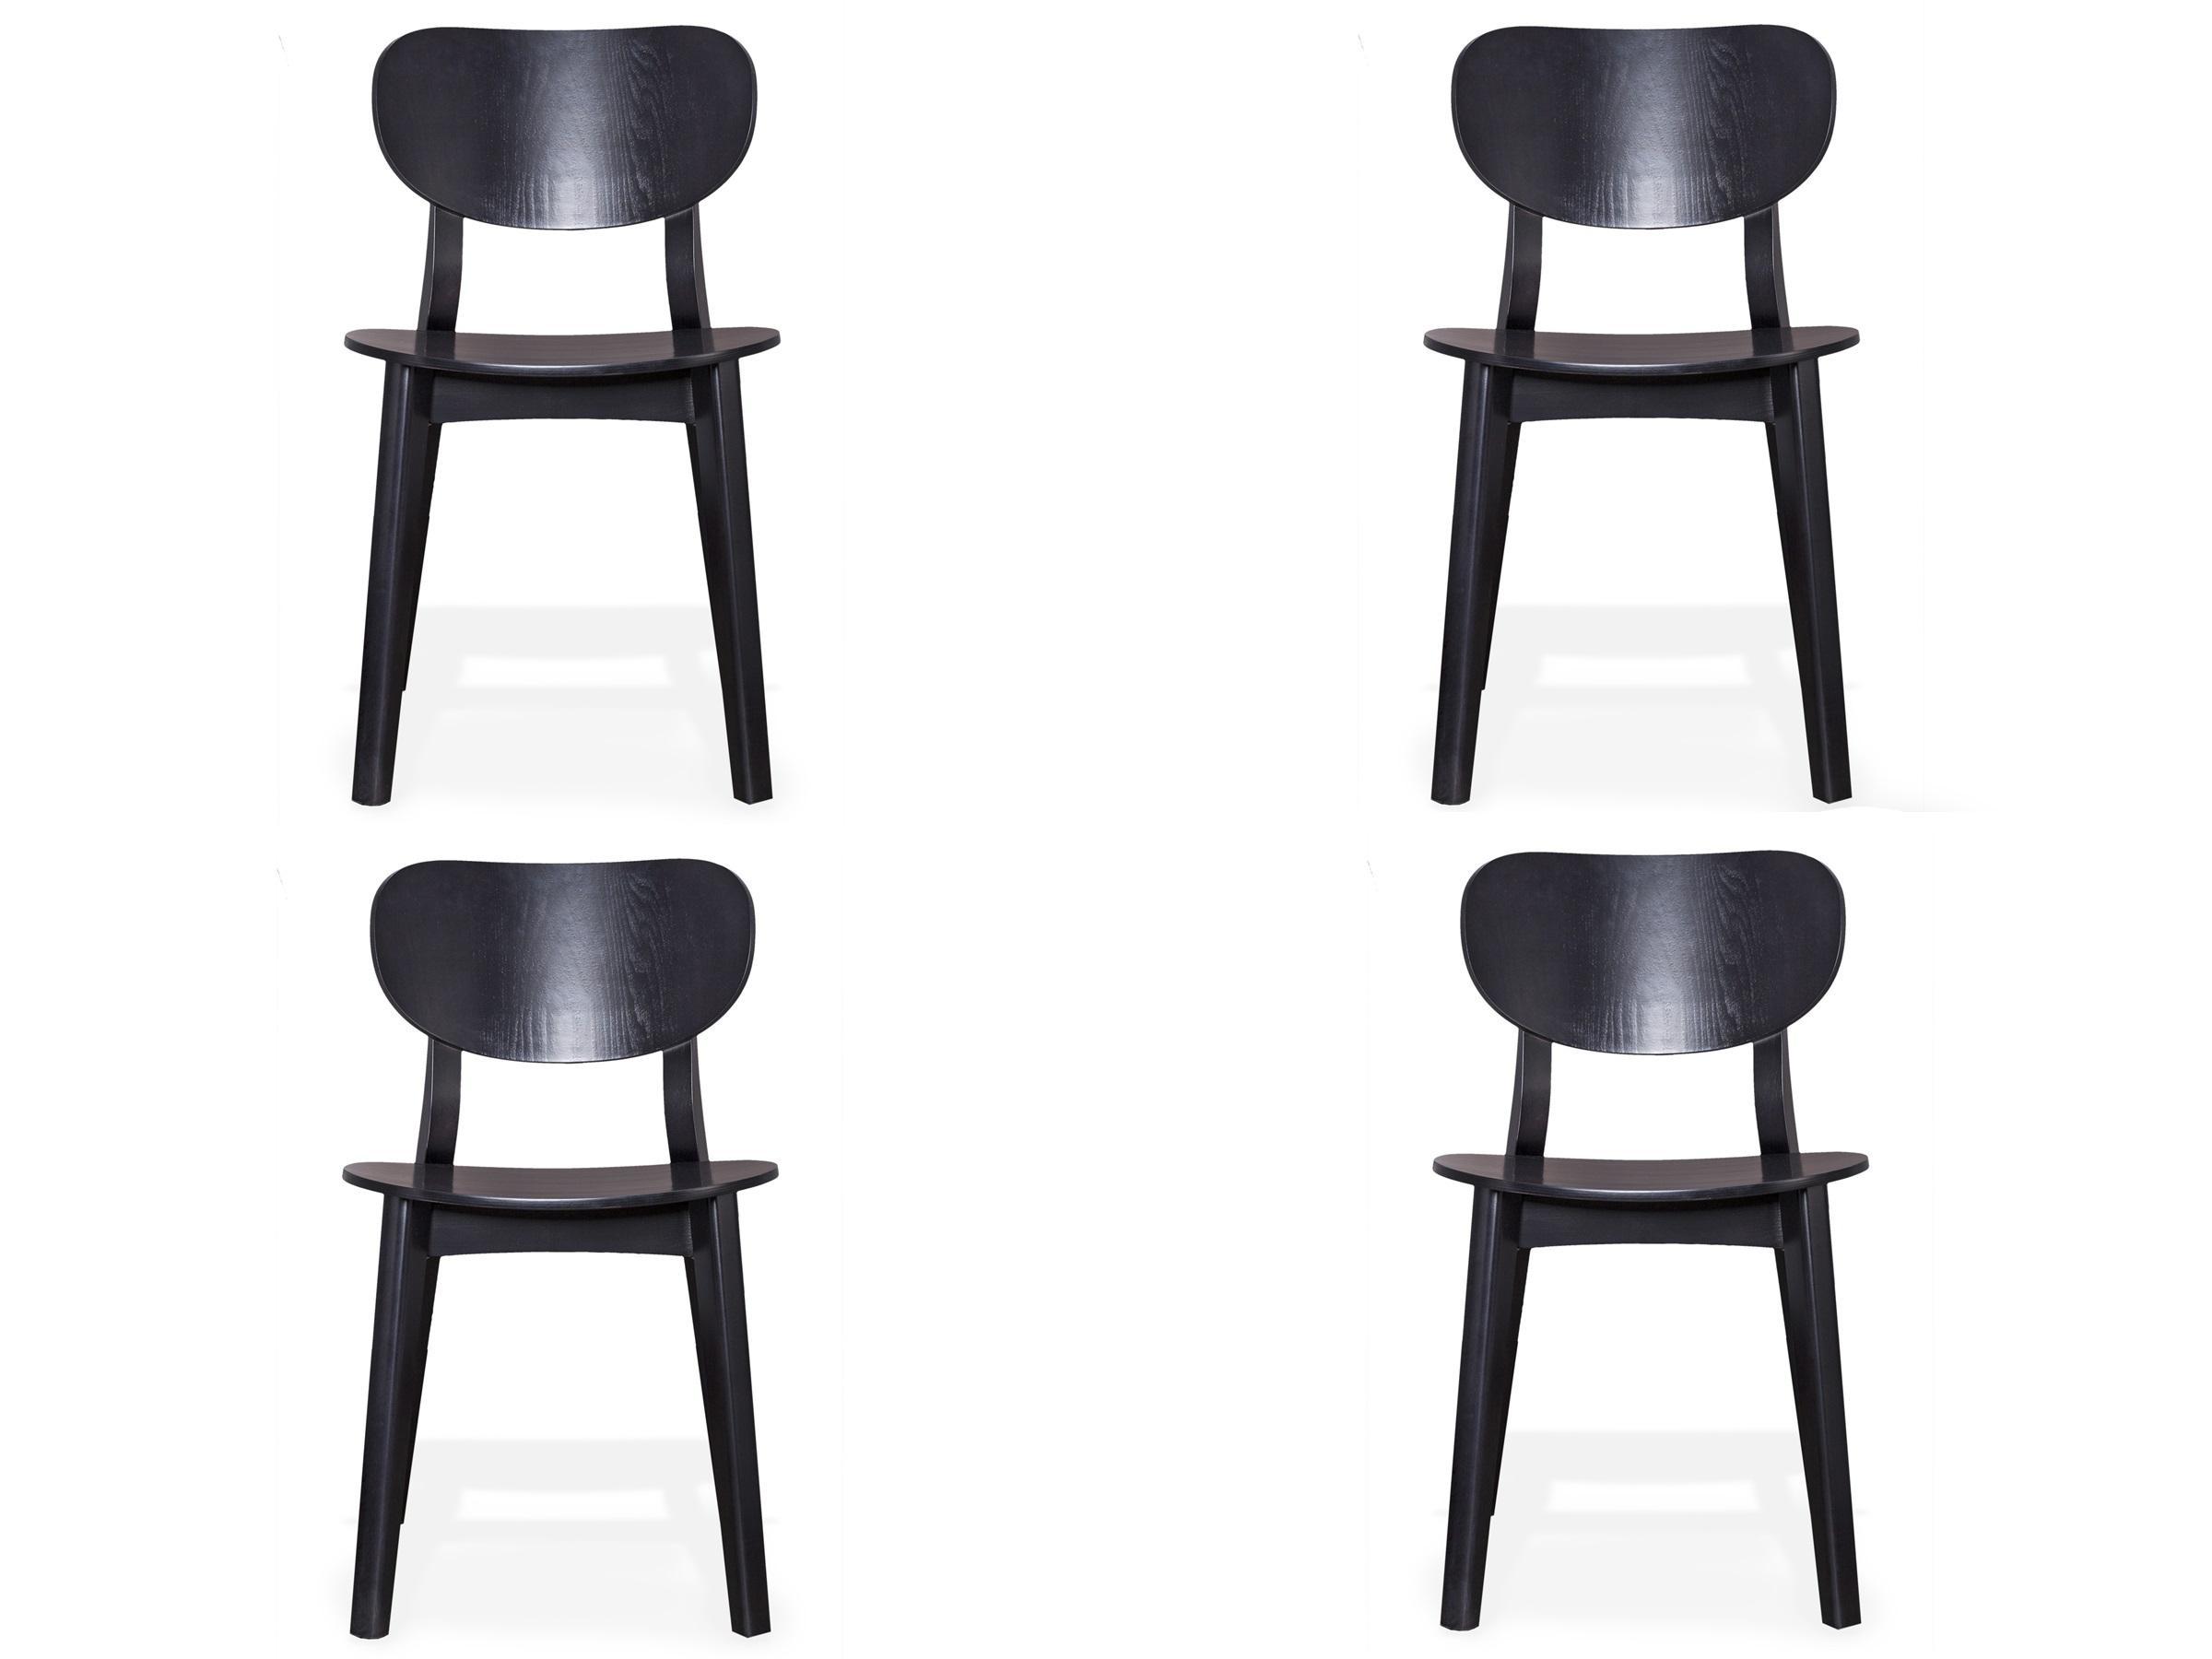 Комплект из 4 стульев XavierКомплекты<br>Этот стул подкупает своей универсальностью! Он будет идеально смотреться как дополнение к обеденному столу, так и станет акцентом для вашей творческой студии. Само воплощение скандинавской классики.Высота сидения: 45 см.<br><br>kit: None<br>gender: None